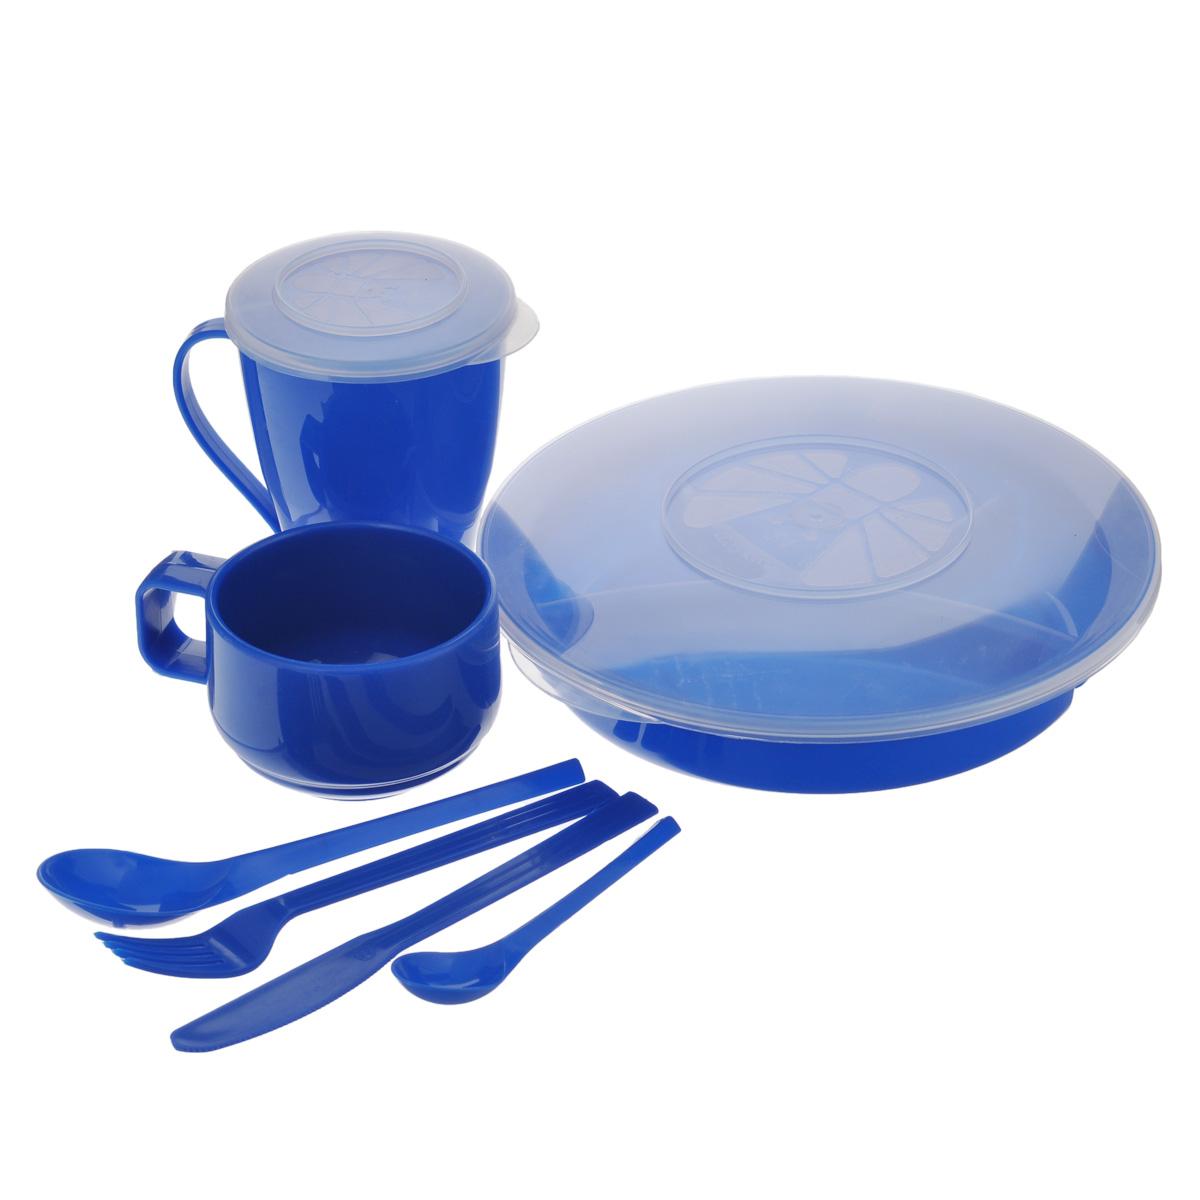 Набор посуды Solaris Вахтовый метод, цвет: синий, на 1 персонуS1101Компактный набор посуды Solaris Вахтовый метод, выполненный из качественного полипропилена, в удобной виниловой сумке с ручкой и молнией. Свойства посуды: Посуда из ударопрочного пищевого полипропилена предназначена для многократного использования. Легкая, прочная и износостойкая, экологически чистая, эта посуда работает в диапазоне температур от -25°С до +110°С. Можно мыть в посудомоечной машине. Эта посуда также обеспечивает: Хранение горячих и холодных пищевых продуктов; Разогрев продуктов в микроволновой печи; Приготовление пищи в микроволновой печи на пару (пароварка); Хранение продуктов в холодильной и морозильной камере; Кипячение воды с помощью электрокипятильника. Состав набора: Менажница с герметичной крышкой; Чашка для супа с герметичной крышкой, объем 0,5 л; Чашка объемом 0,28 л; Вилка; Ложка столовая; Нож; Ложка чайная. Диаметр менажницы: 22,5 см. Высота менажницы: 5...